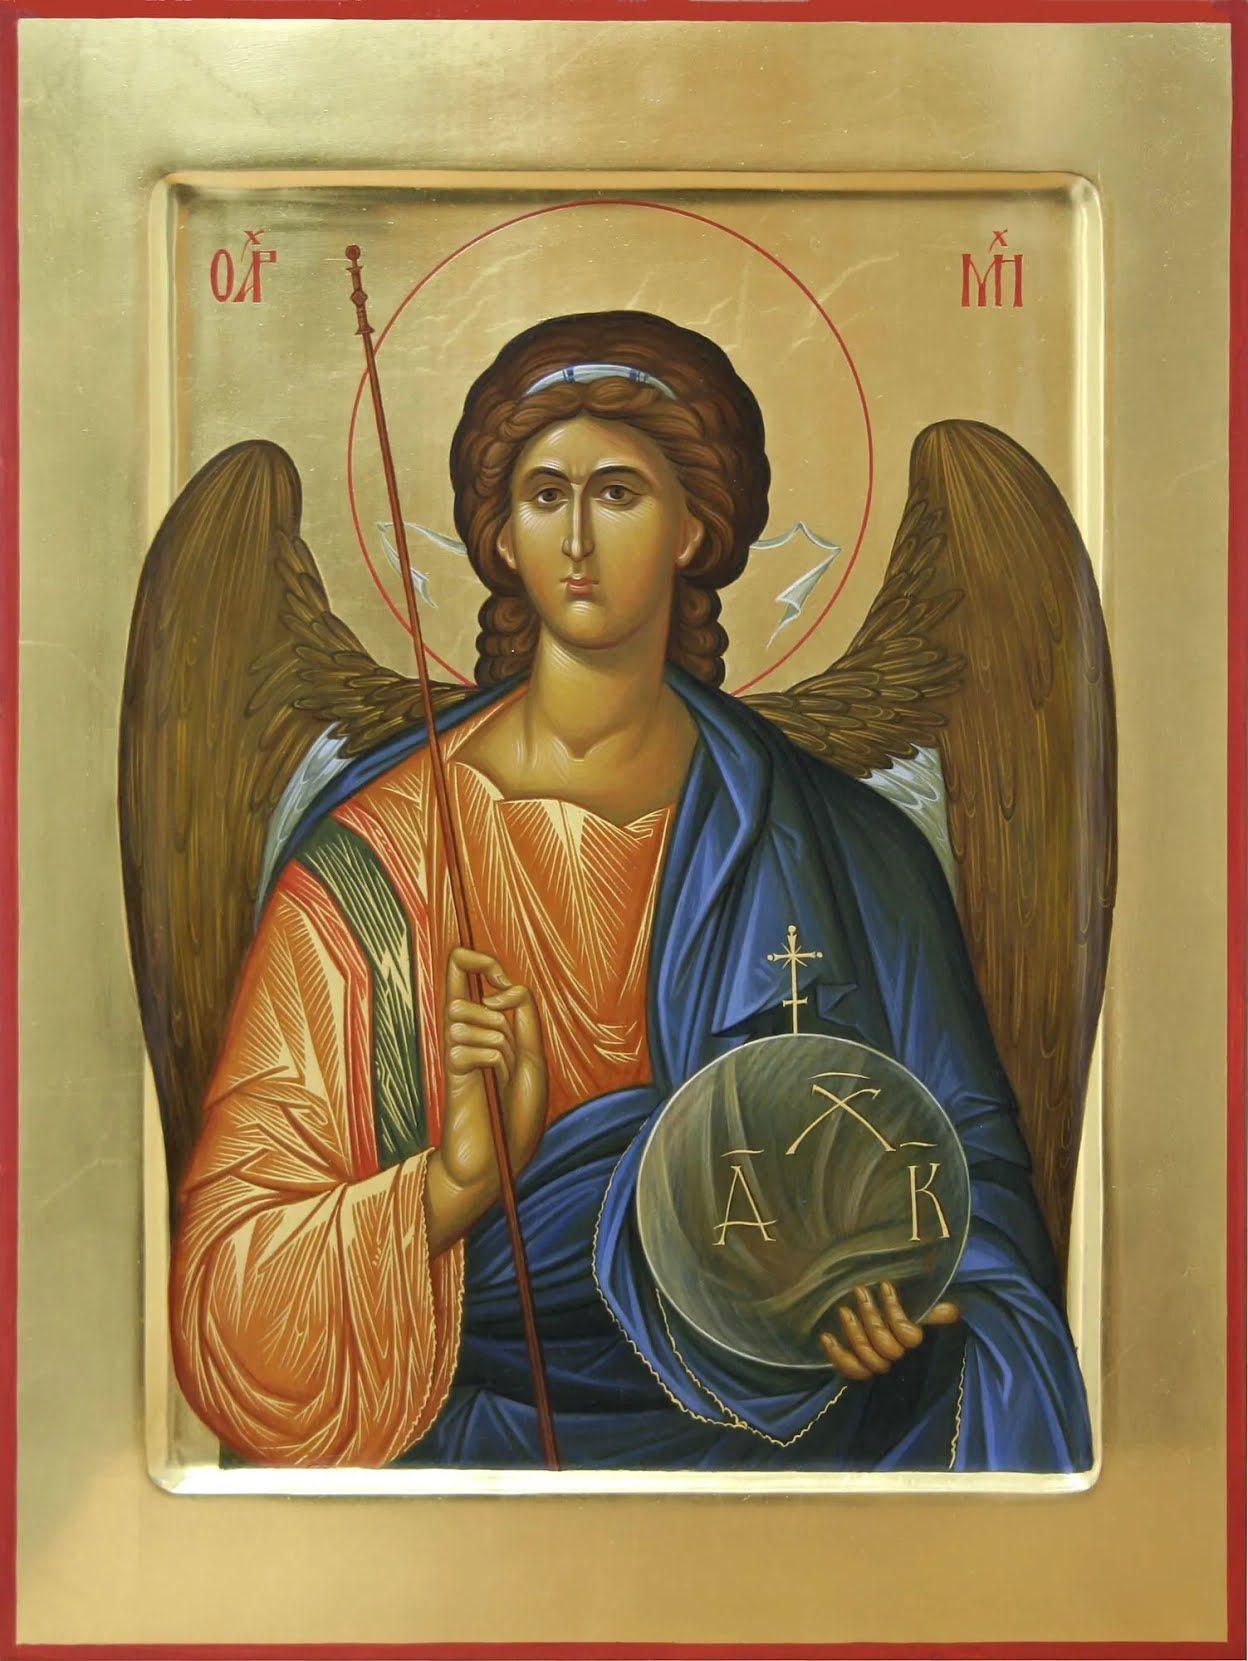 Архангел Михаїл – один з головних у християнстві ангелів